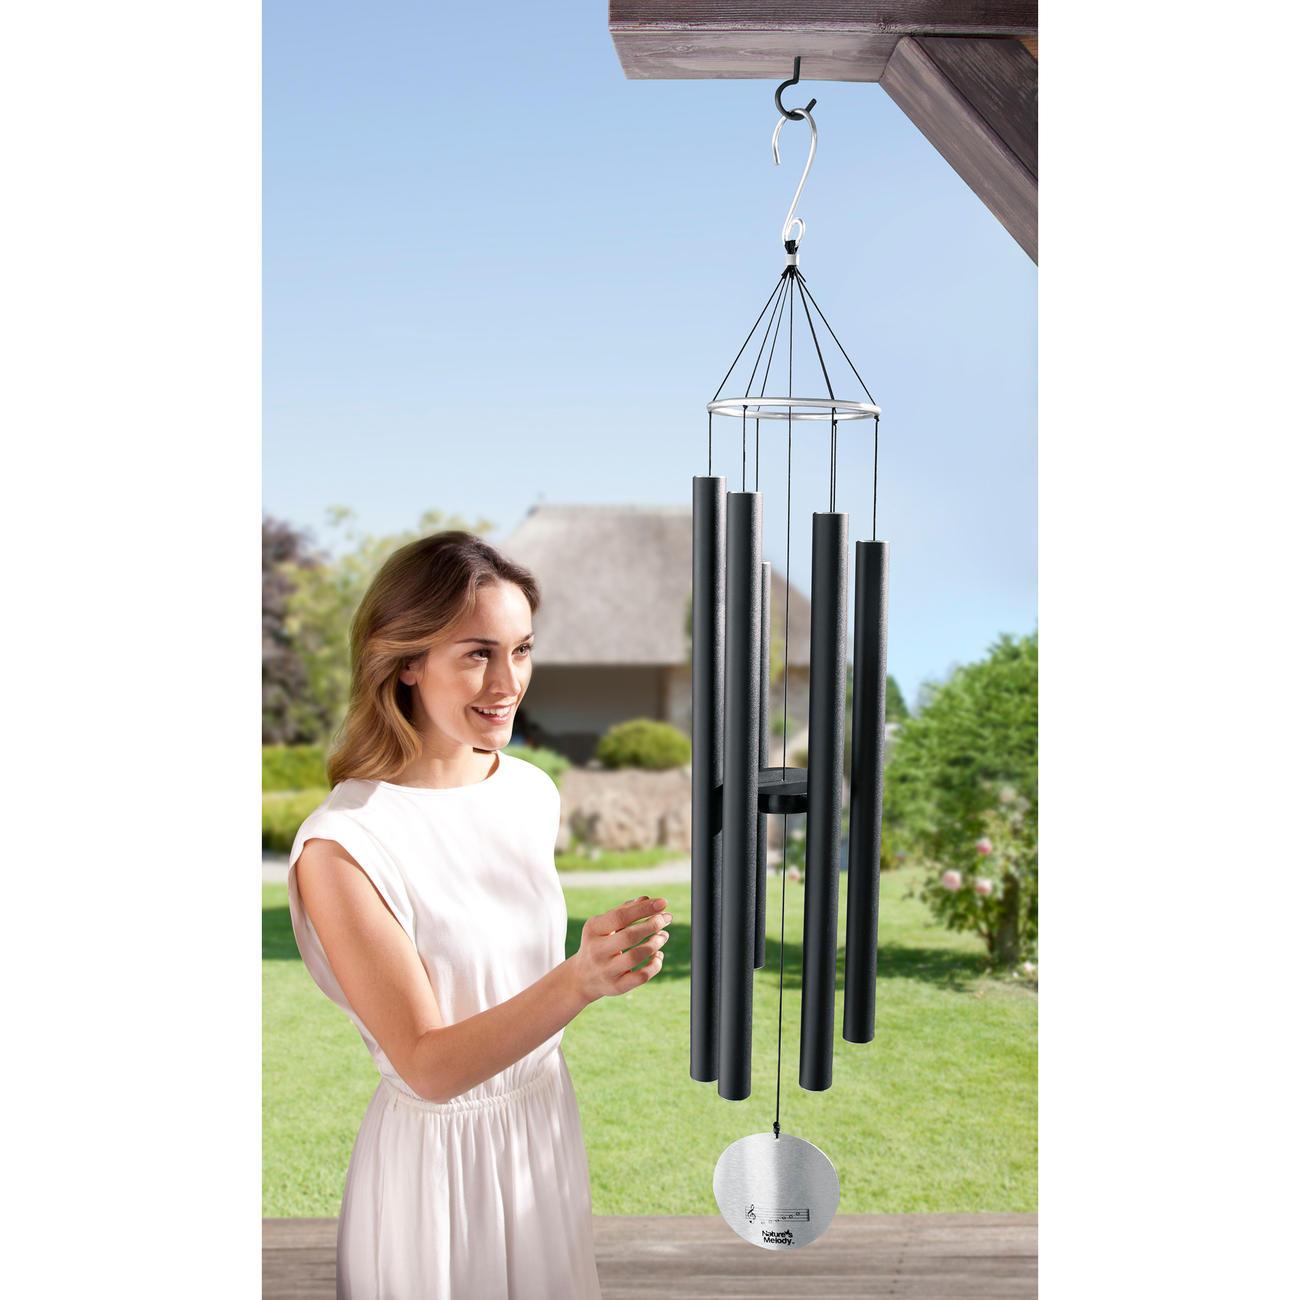 Grand carillon vent garantie produit de 3 ans for Par a vent interieur